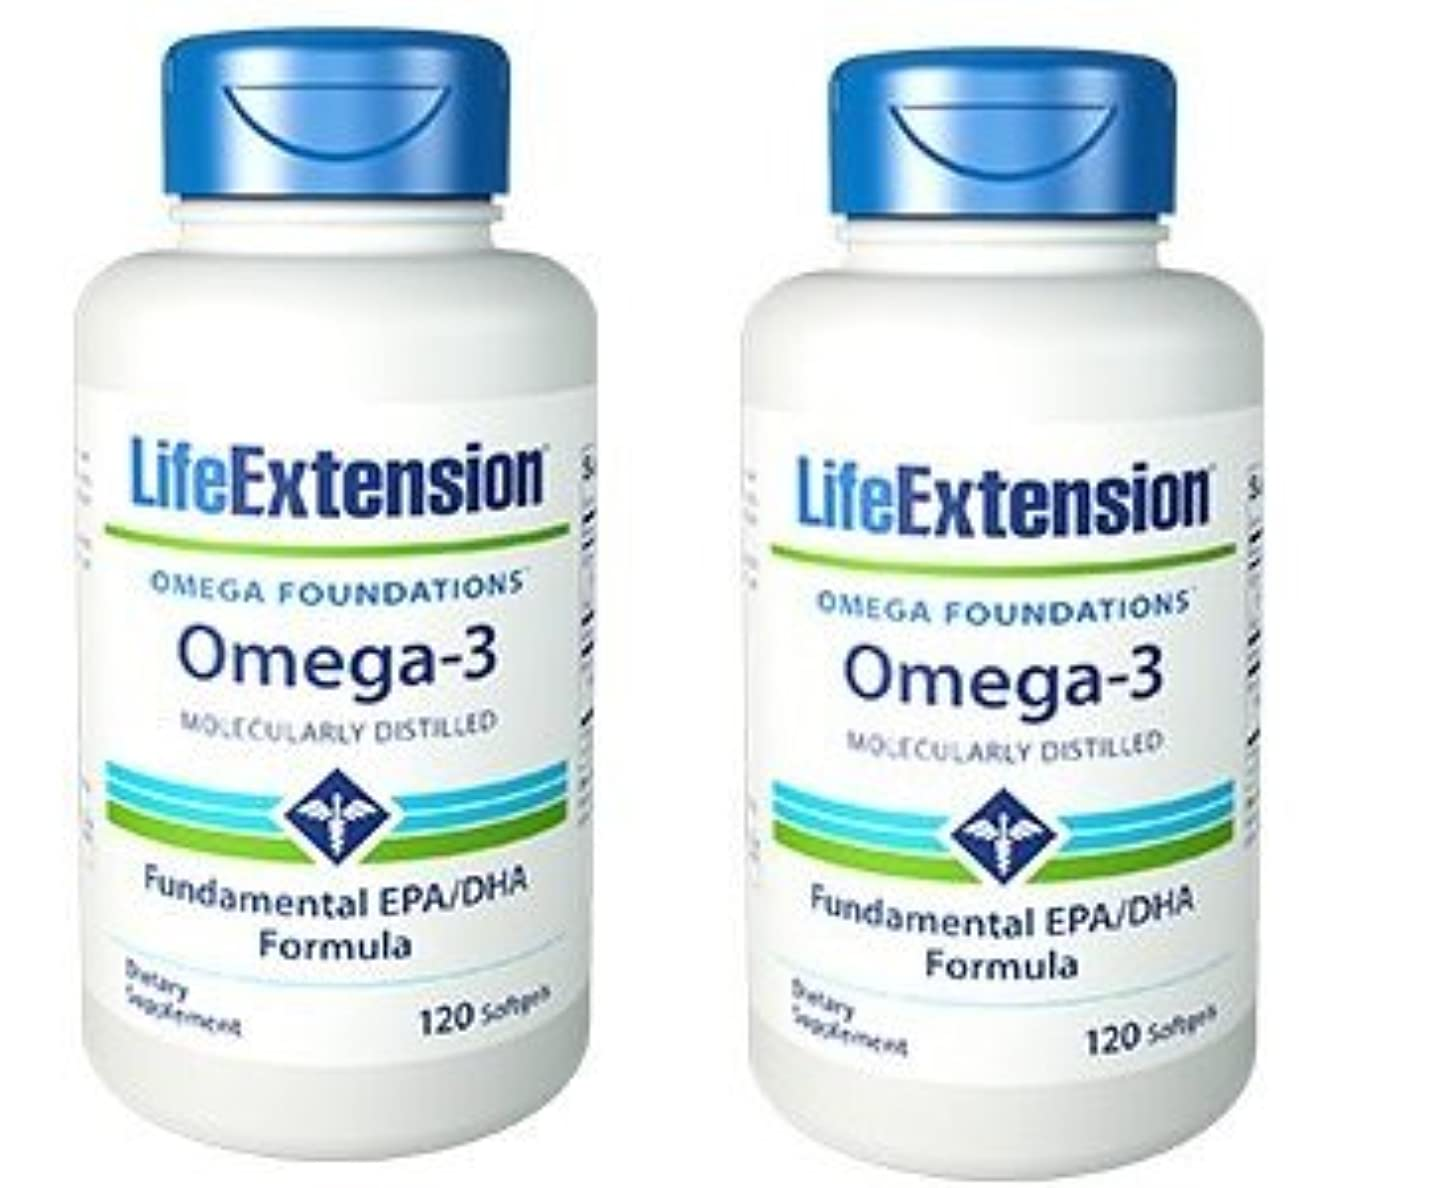 クランプ小麦怒っている【海外直送品】【2本セット】Life Extension - Omega-3 as many commercial fish oils 120 ソフトジェル